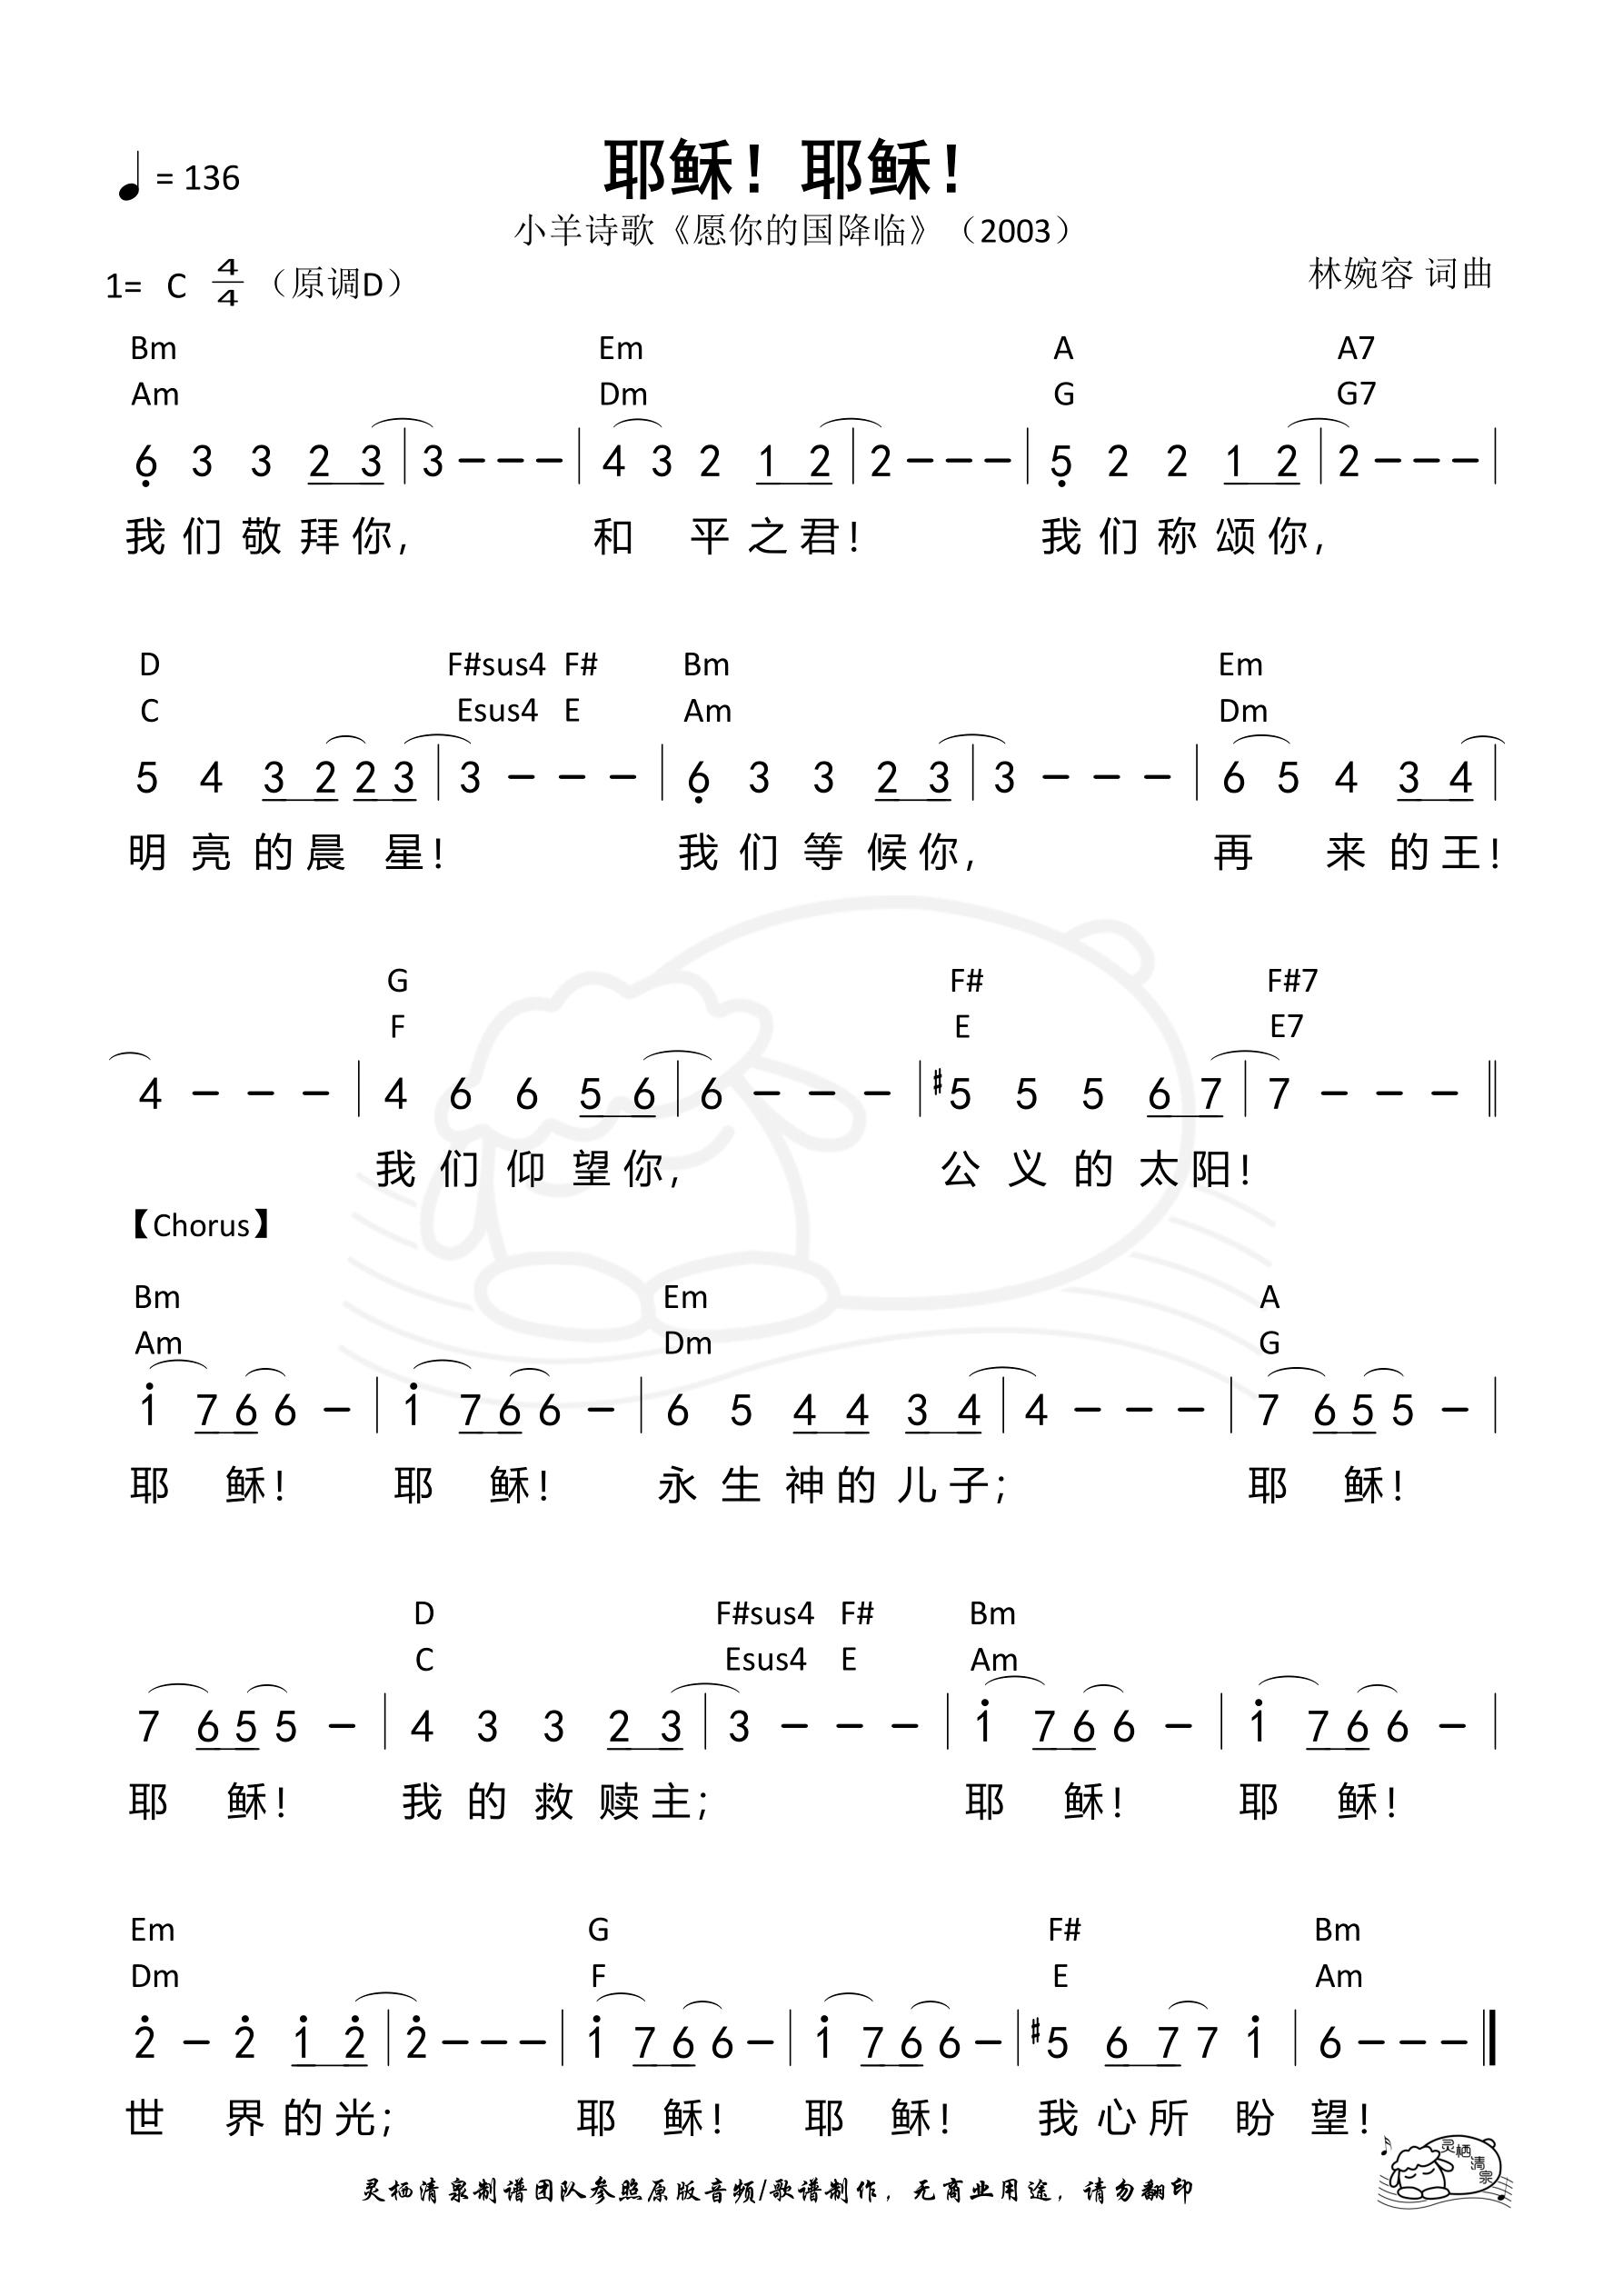 《第617首 - 耶稣!耶稣! 和弦简谱》